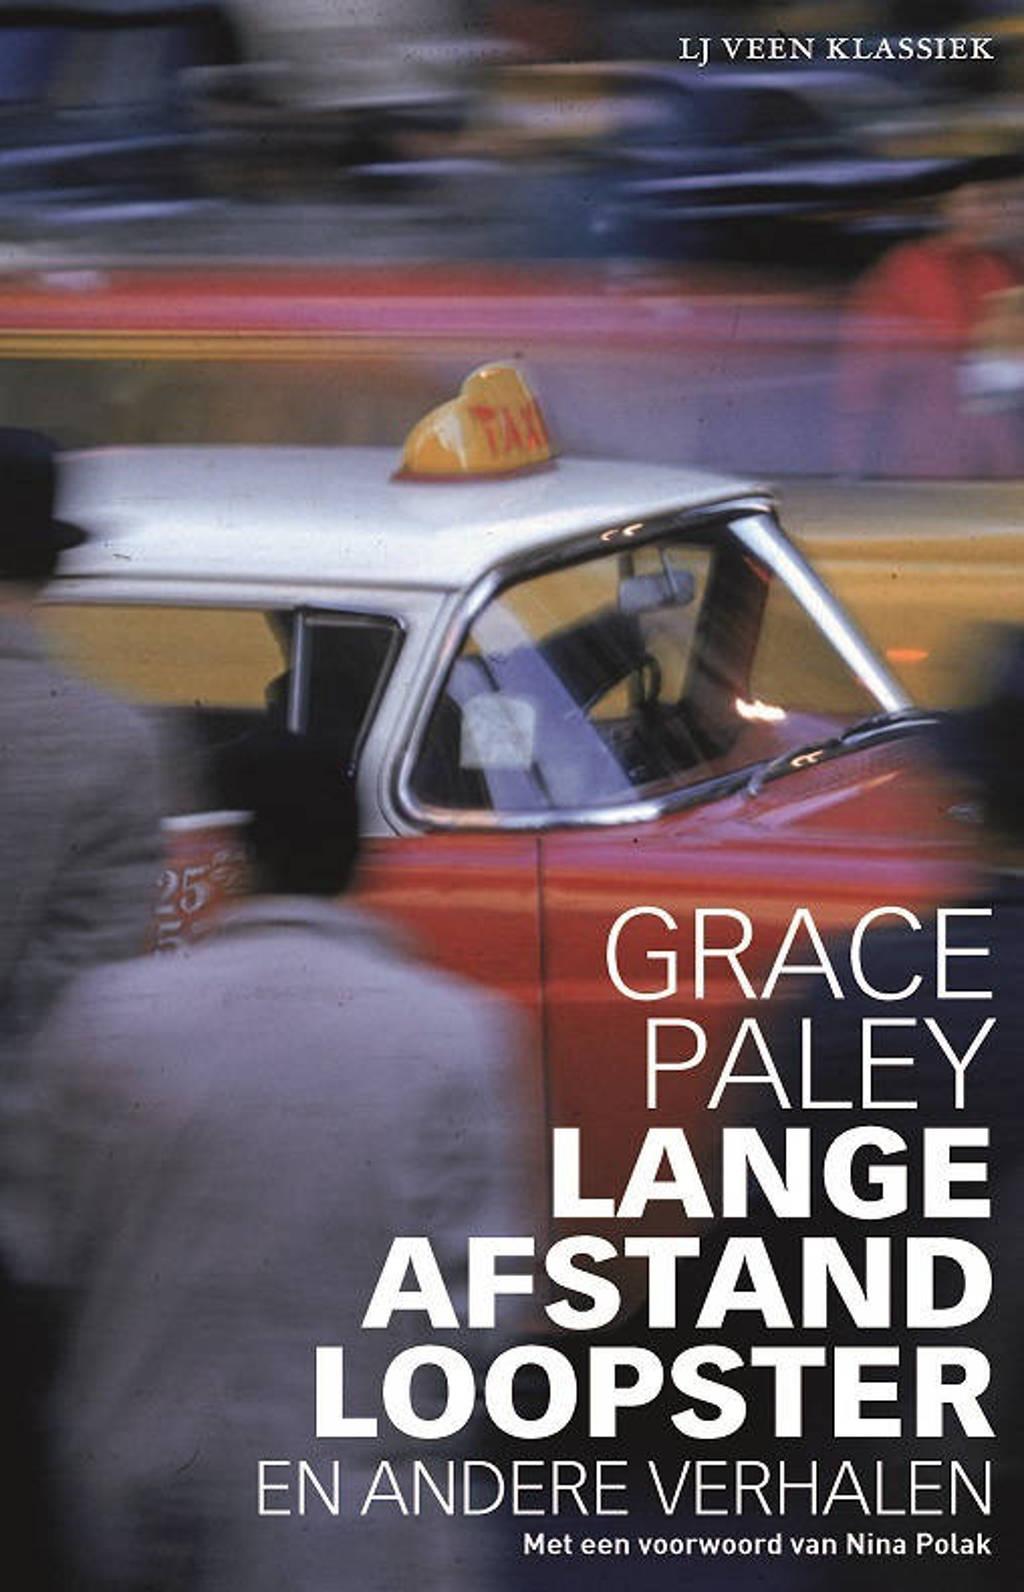 L.J. Veen klassiek: Langeafstandloopster en andere verhalen - Grace Paley